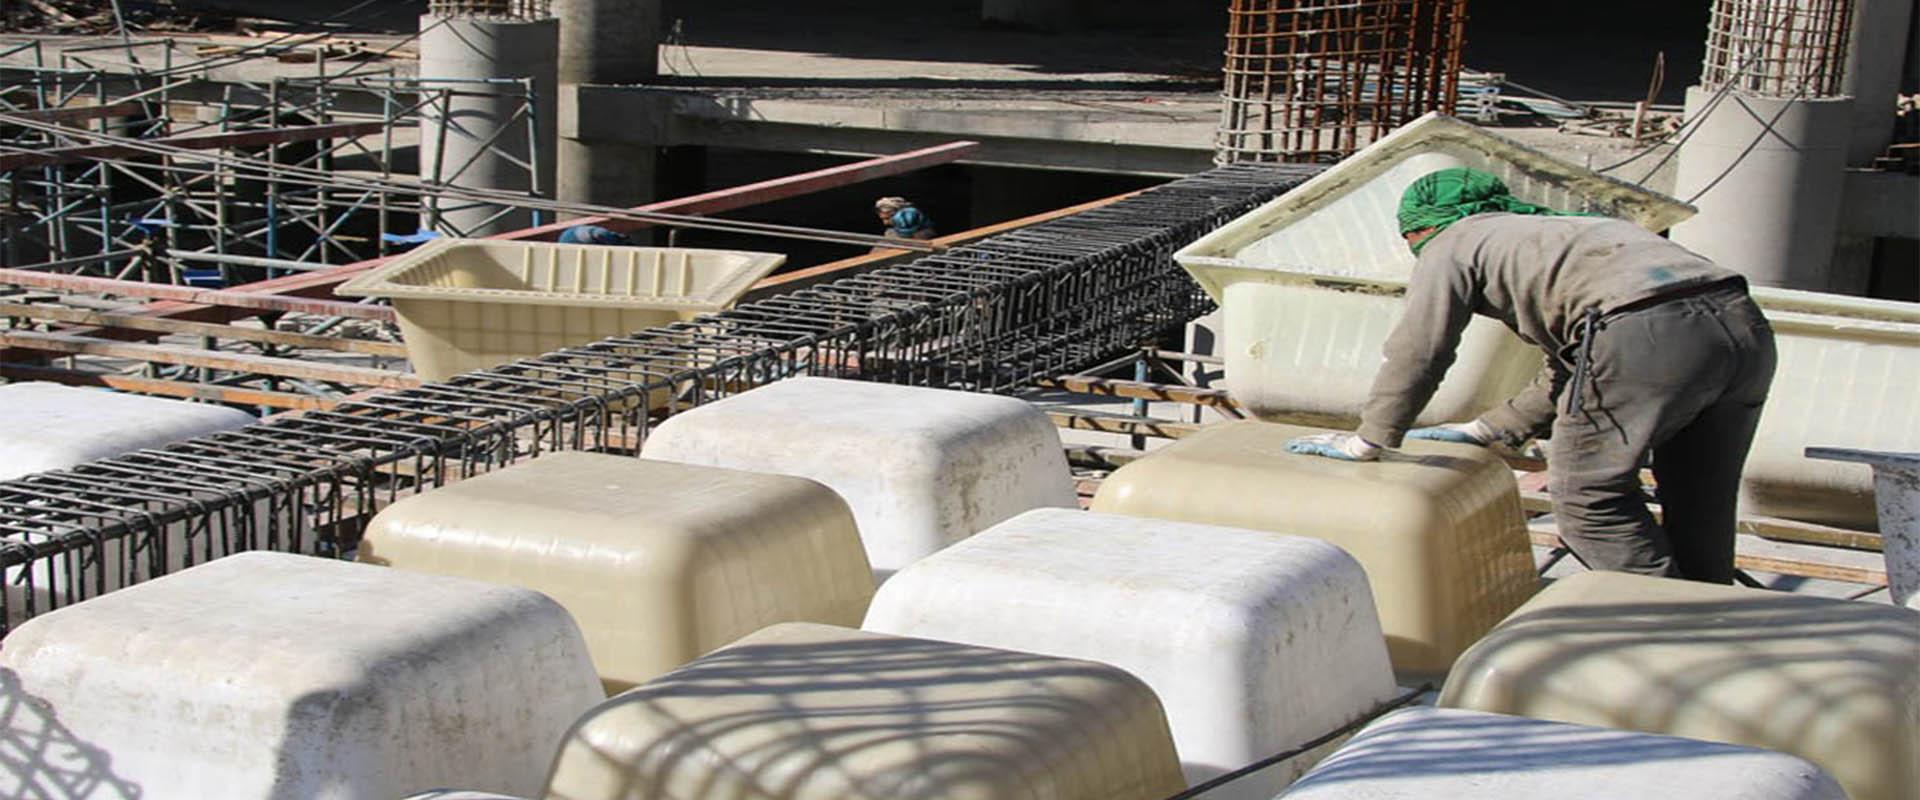 فواید حذف تیر میانی و مزایای سقف وافل